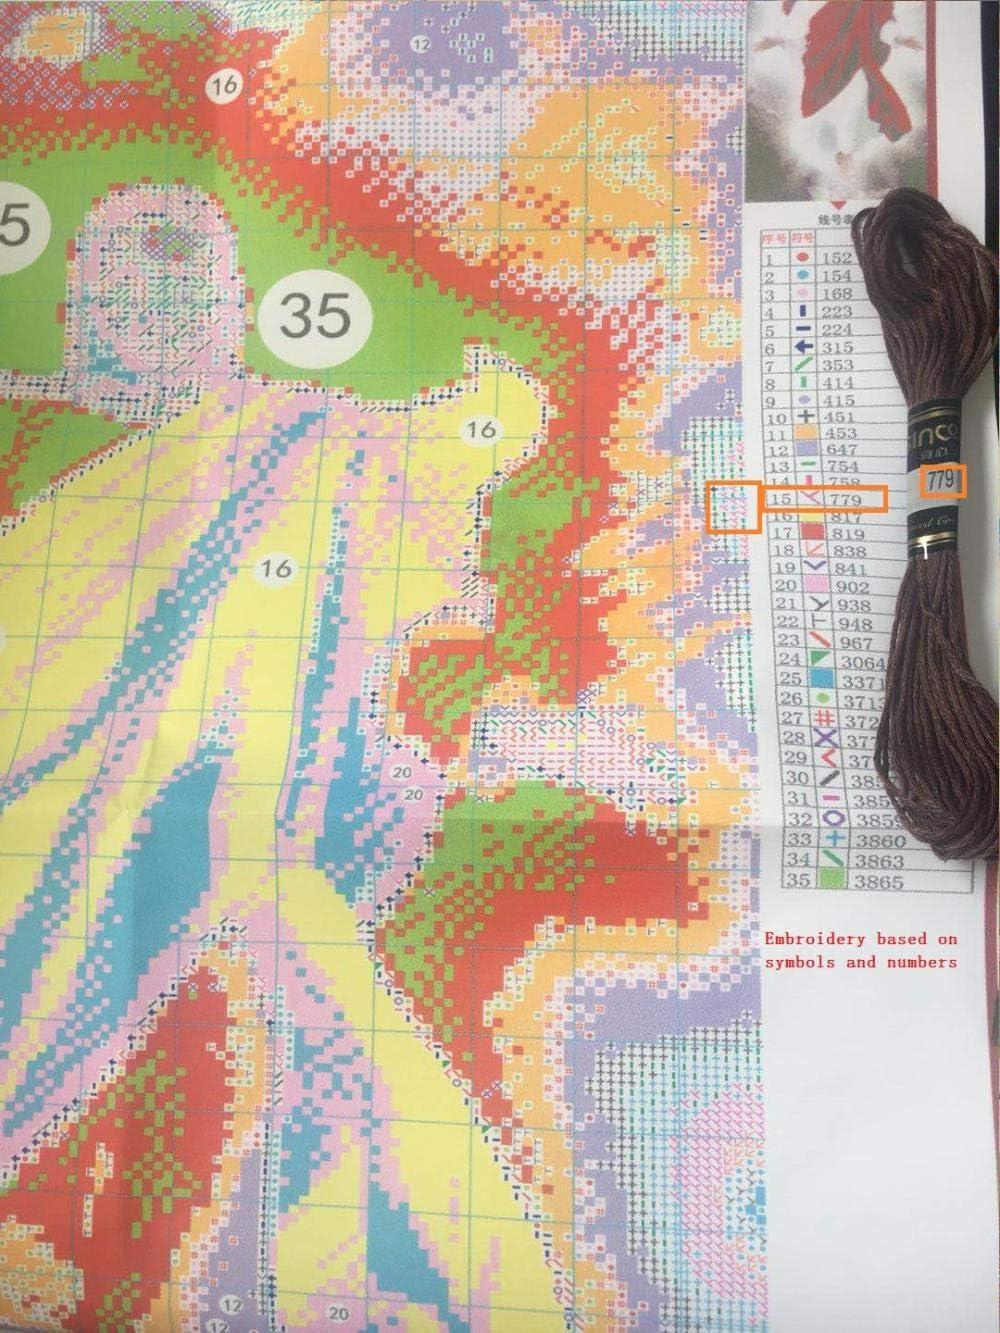 medio punto de cruz kit de punto de aguja tapiz Set de bordado tapiz Lady with Rose Juego de bordado de media cruz de 35x50cm./Incluye hilo de algod/ón multicapa cod.634#0110@